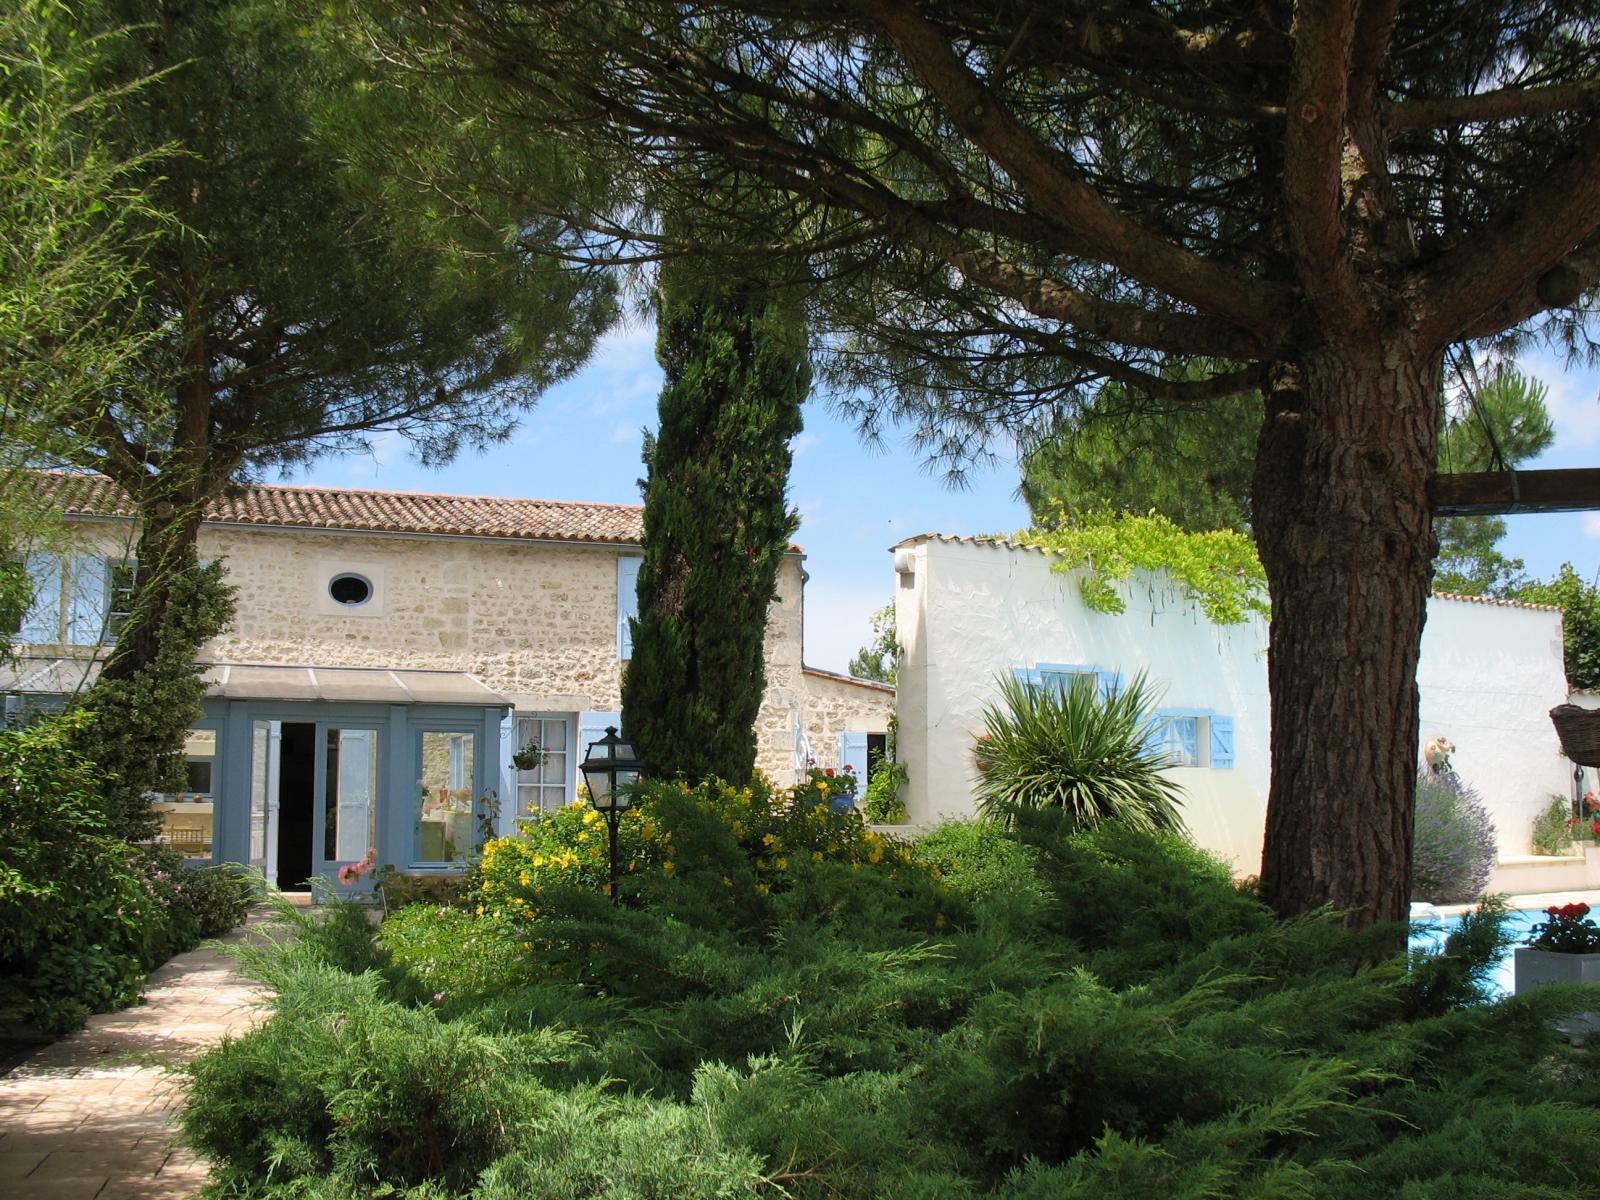 Tourisme rural Poitou Charentes Gites en Poitou Charentes